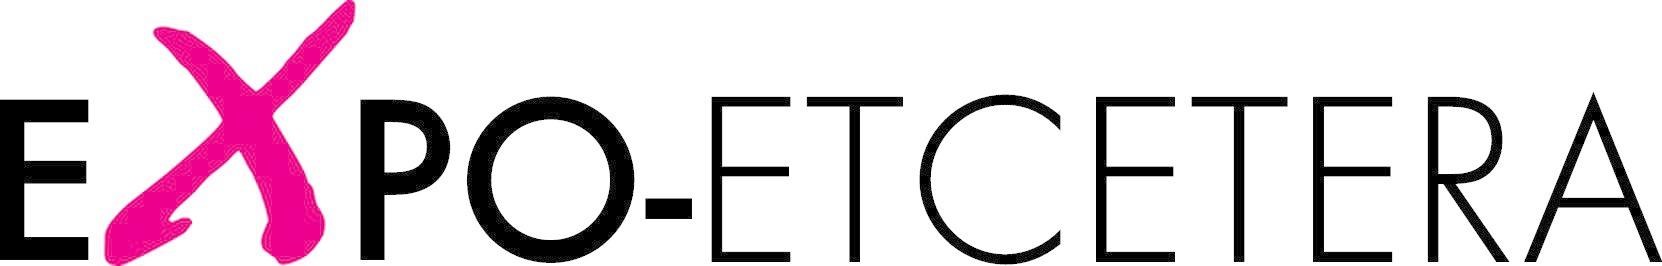 Het logo bestaat uit het woord Expo-etcetera. De x is wat groter en staat in het roze